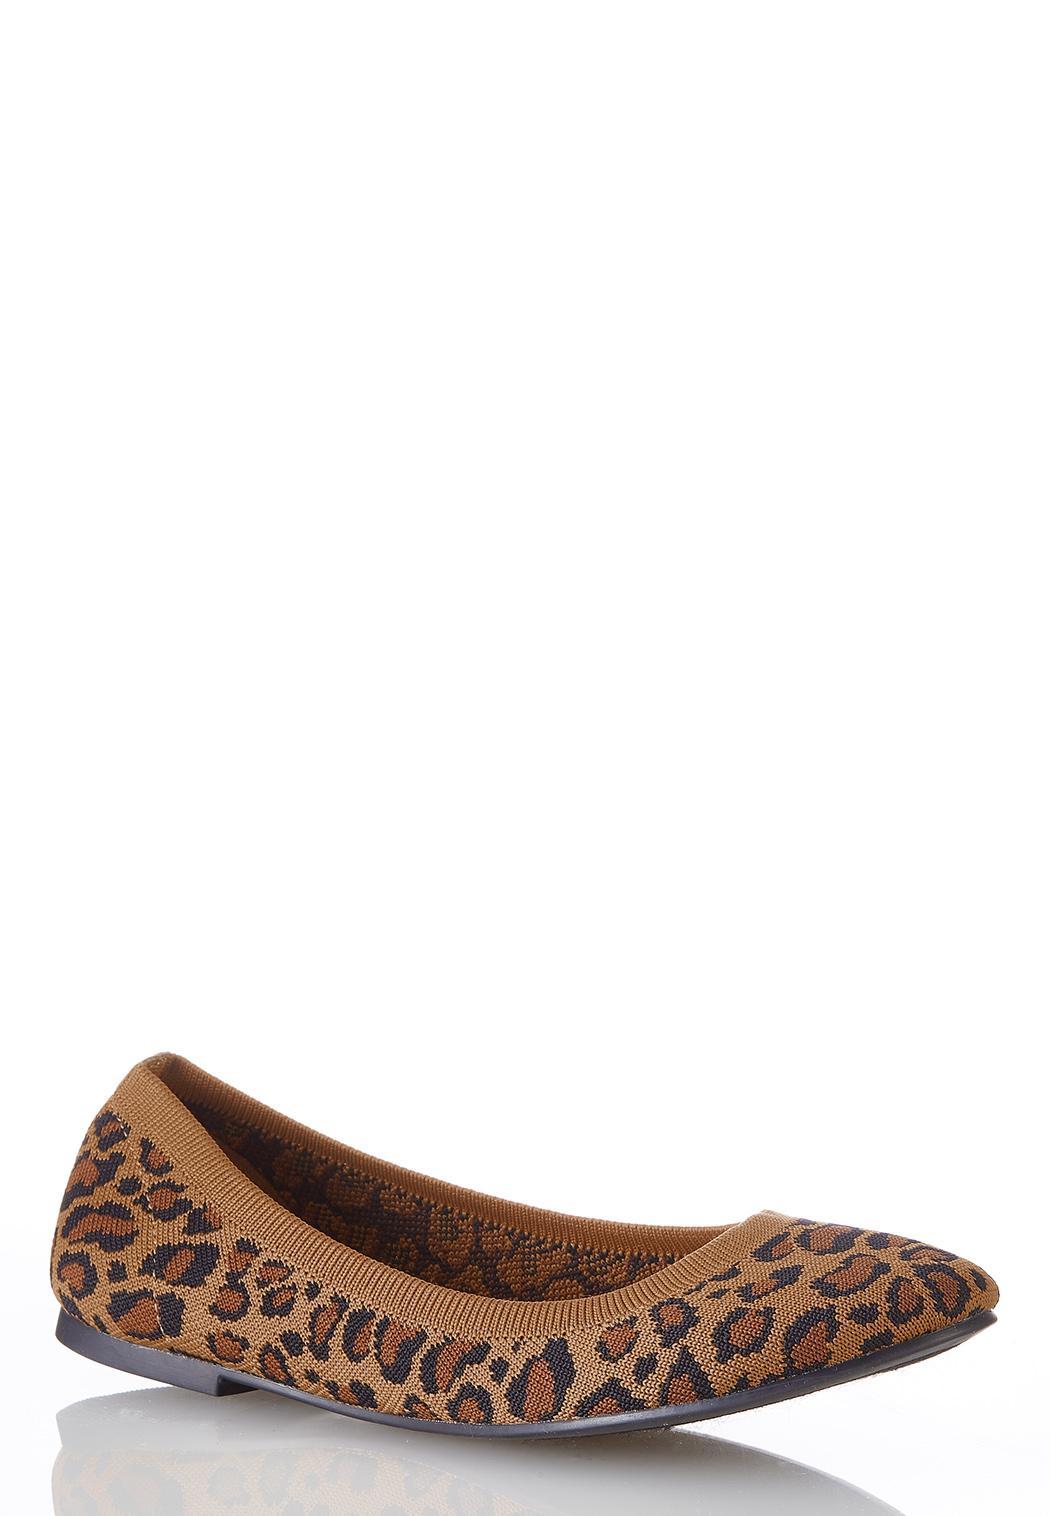 Wide Width Leopard Knit Flats